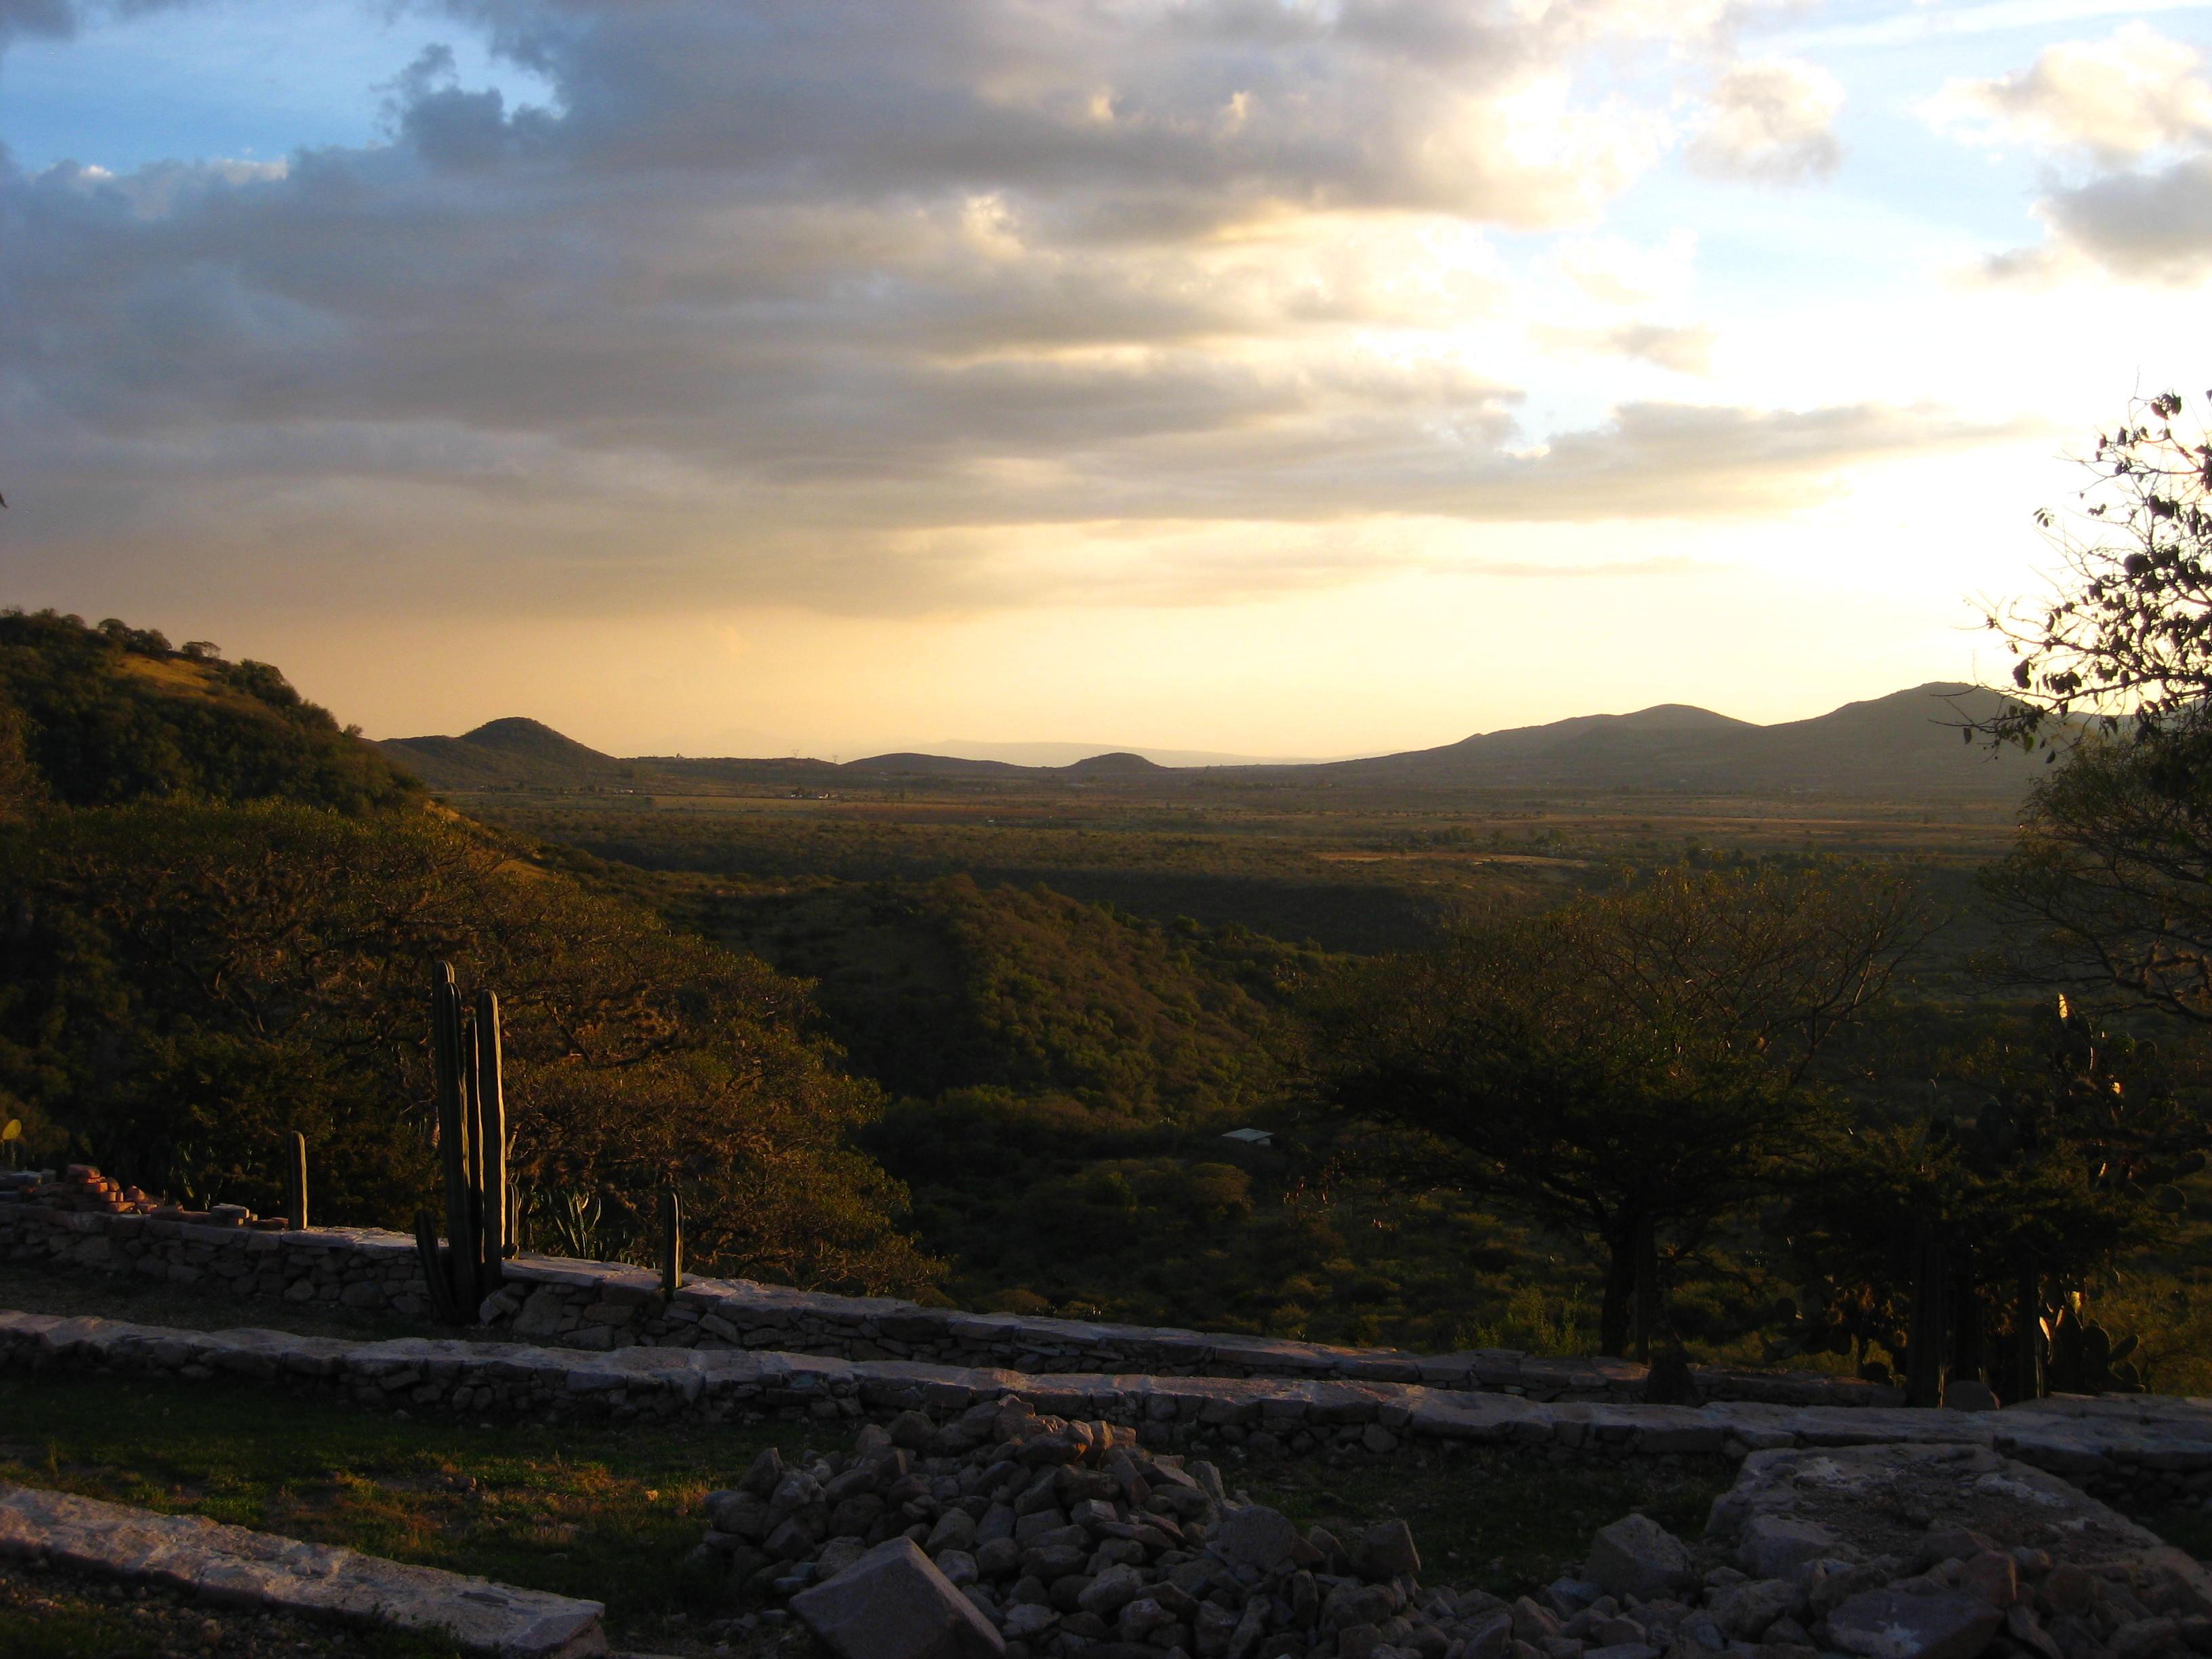 Sustainable Park & Eco-Retreat - near San Miguel de Allende, Mexico